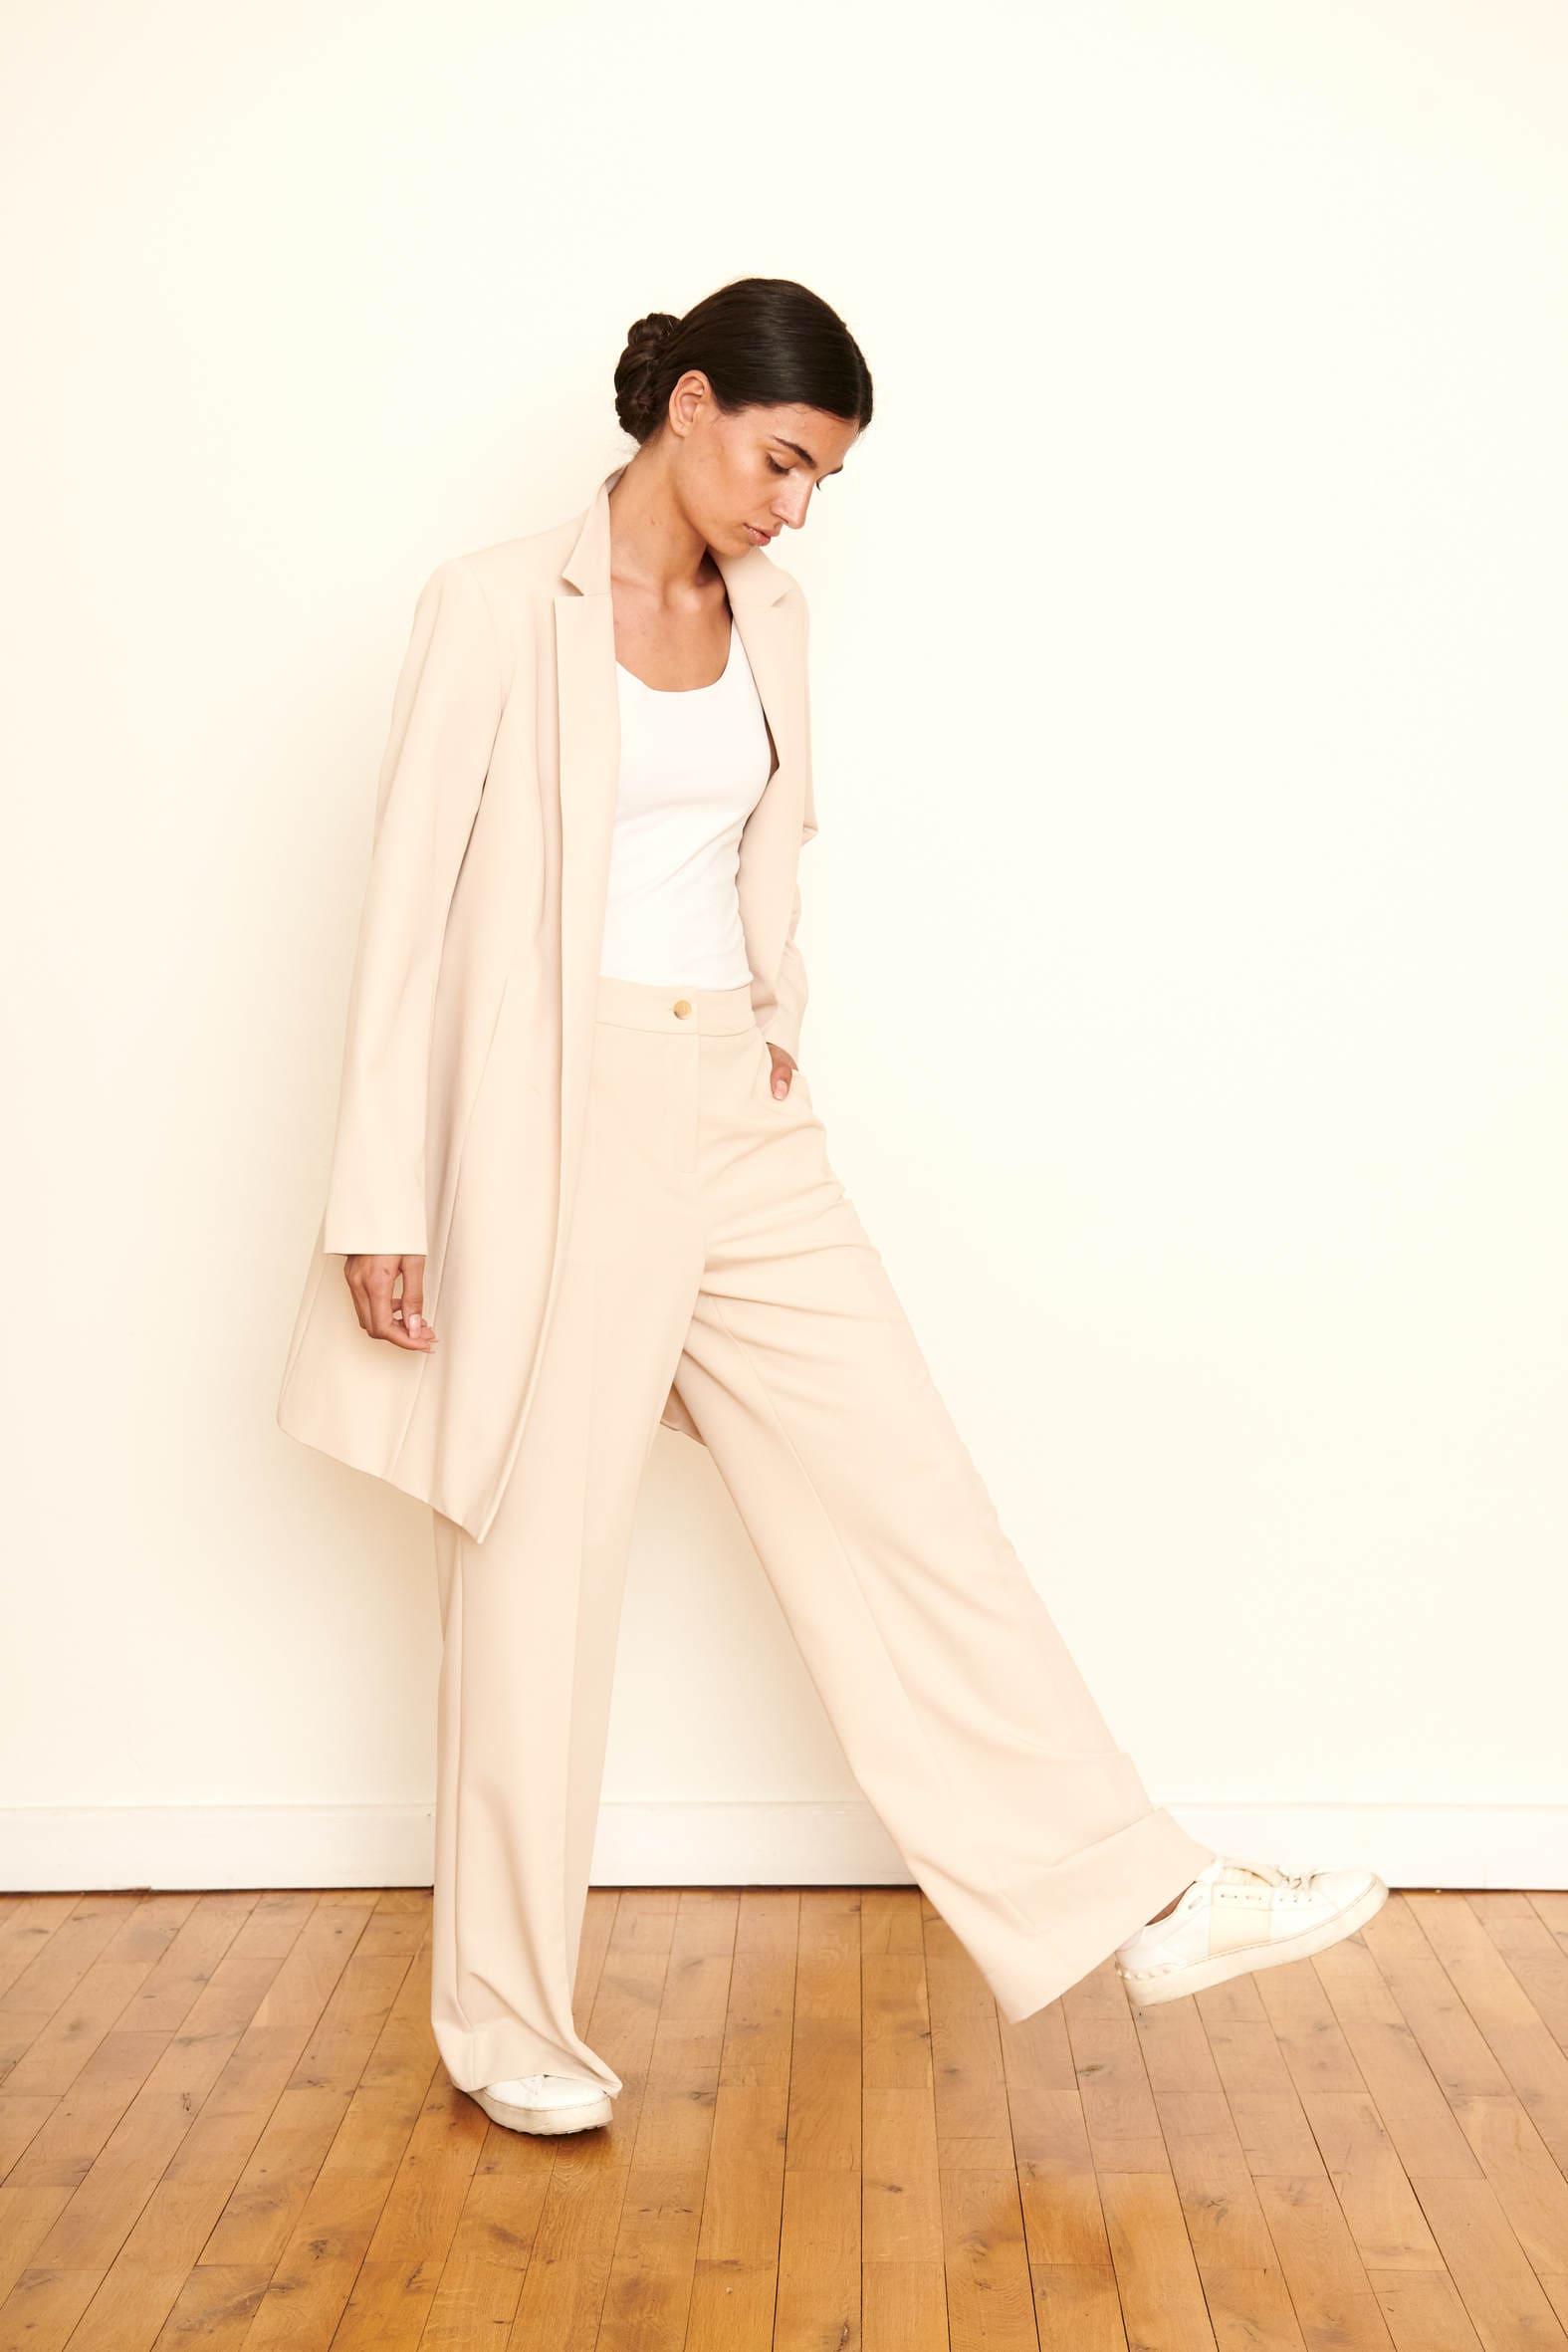 Verleihen Sie Ihrem Look mit dieser weit geschnittenen Hose in Hightech Materialien ein Upgrade - allseits elegant, puristisch, trending. Material : 72% Acetat 28% Viskose Farbe: Beige